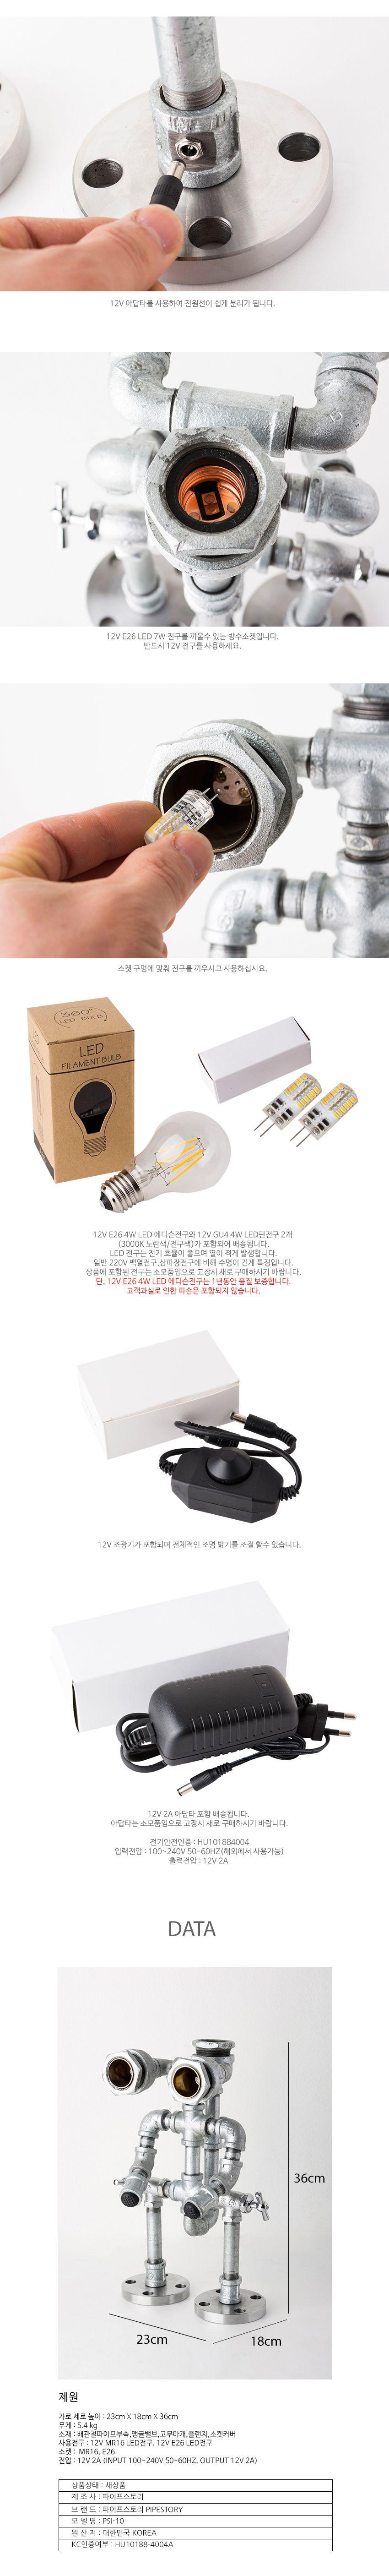 DIY How to Make Pipe Lamp